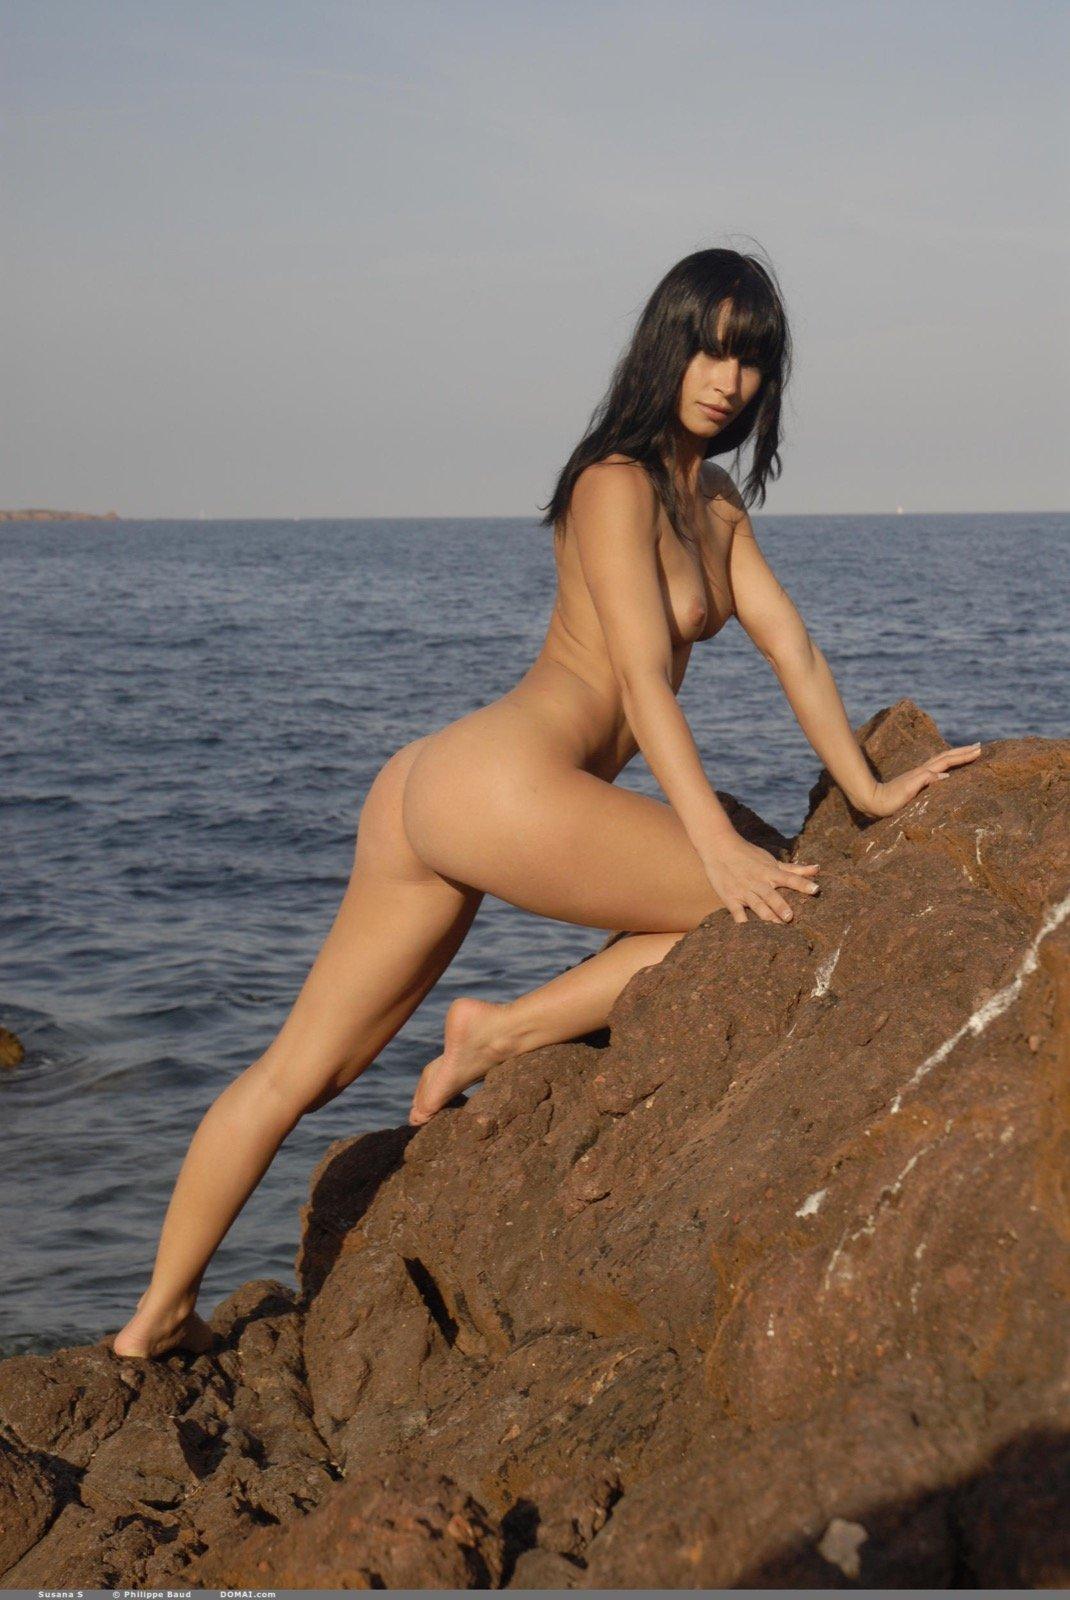 Раздетая сексуальная красотка на камнях у моря